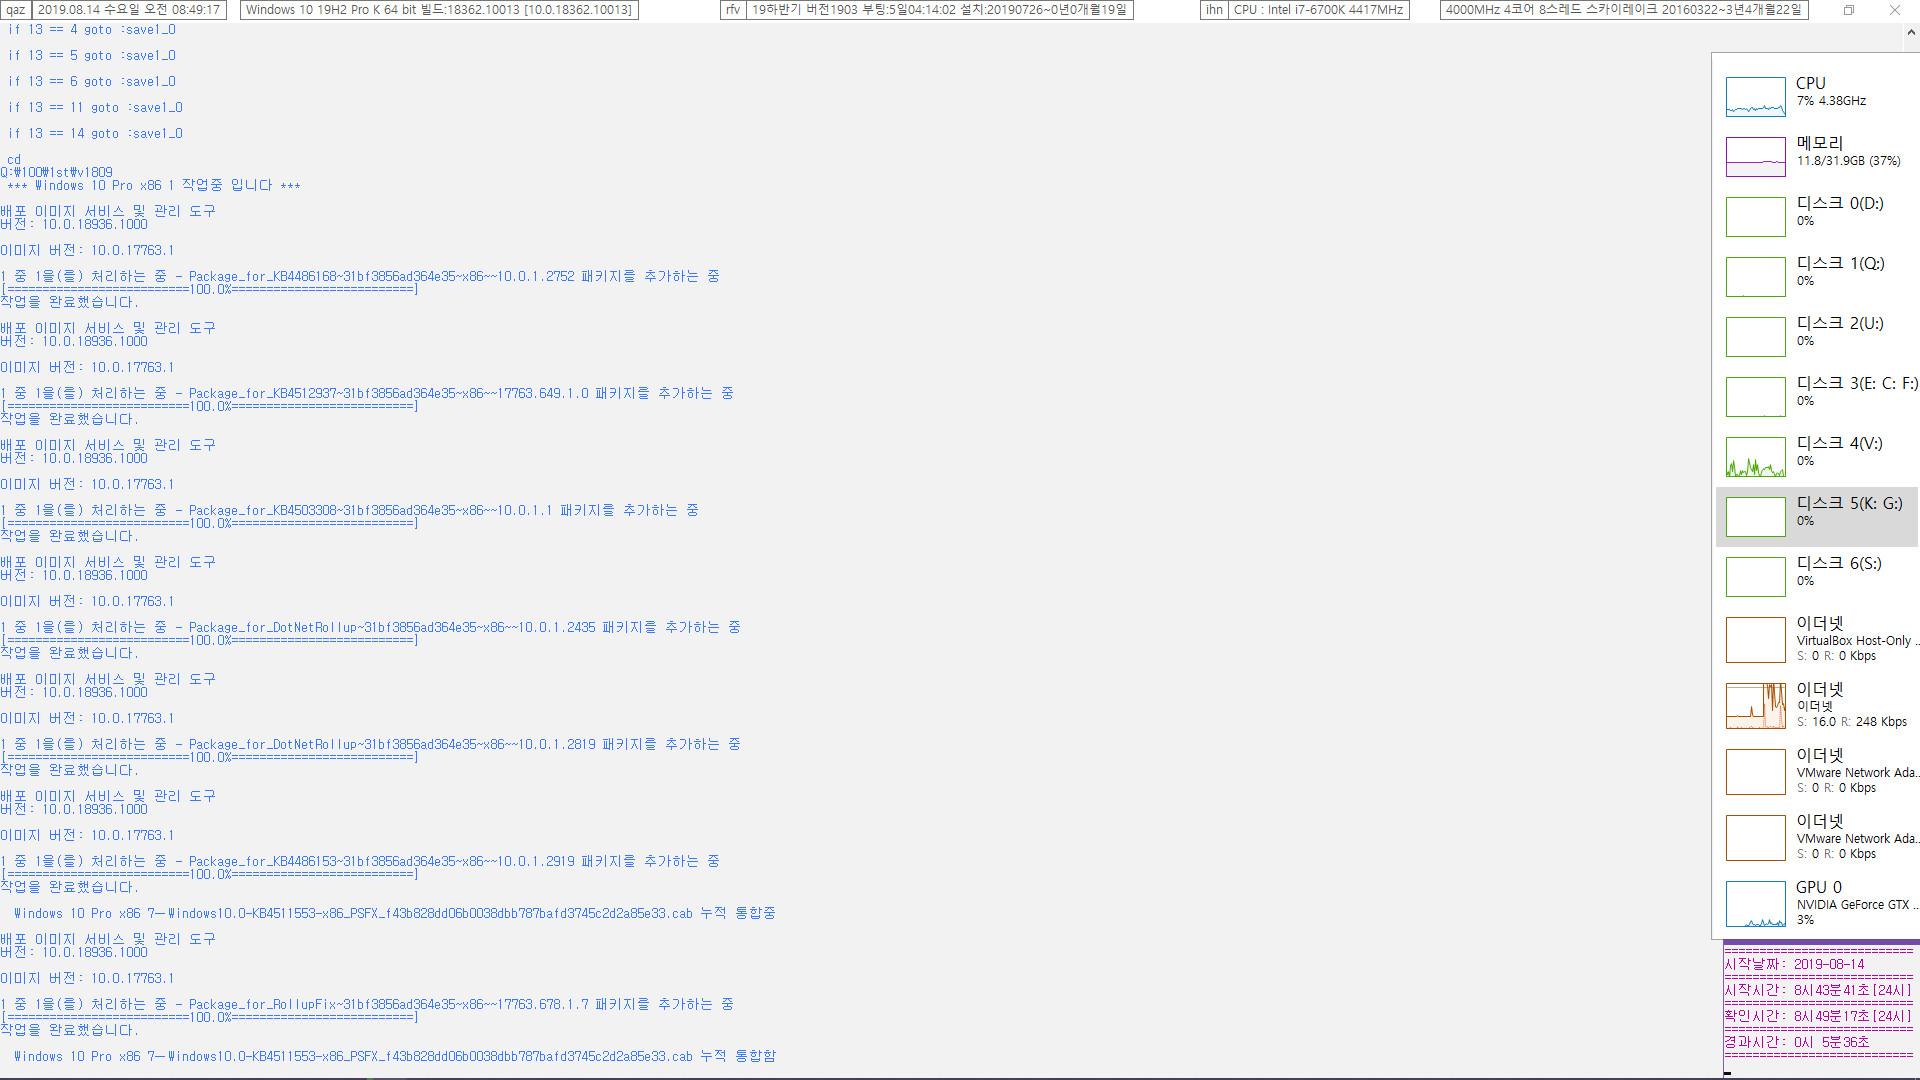 2019-08-14 정기 업데이트 나왔네요 - Windows 10 버전 1809 누적 업데이트 KB4511553 (OS 빌드 17763.678) [2019-08-13 일자] 통합중 입니다 - 닷넷 4.8 추가로 나오네요 - 32비트만 테스트 통합 - 또 다른 닷넷이 나오네요. 그냥 둘다 통합해야겠습니다 - 통합- 와아 할말이 없군요 - 다른 닷넷 업데이트와 닷넷 4.8 언어팩 통합-1개 추가 2019-08-14_084917.jpg